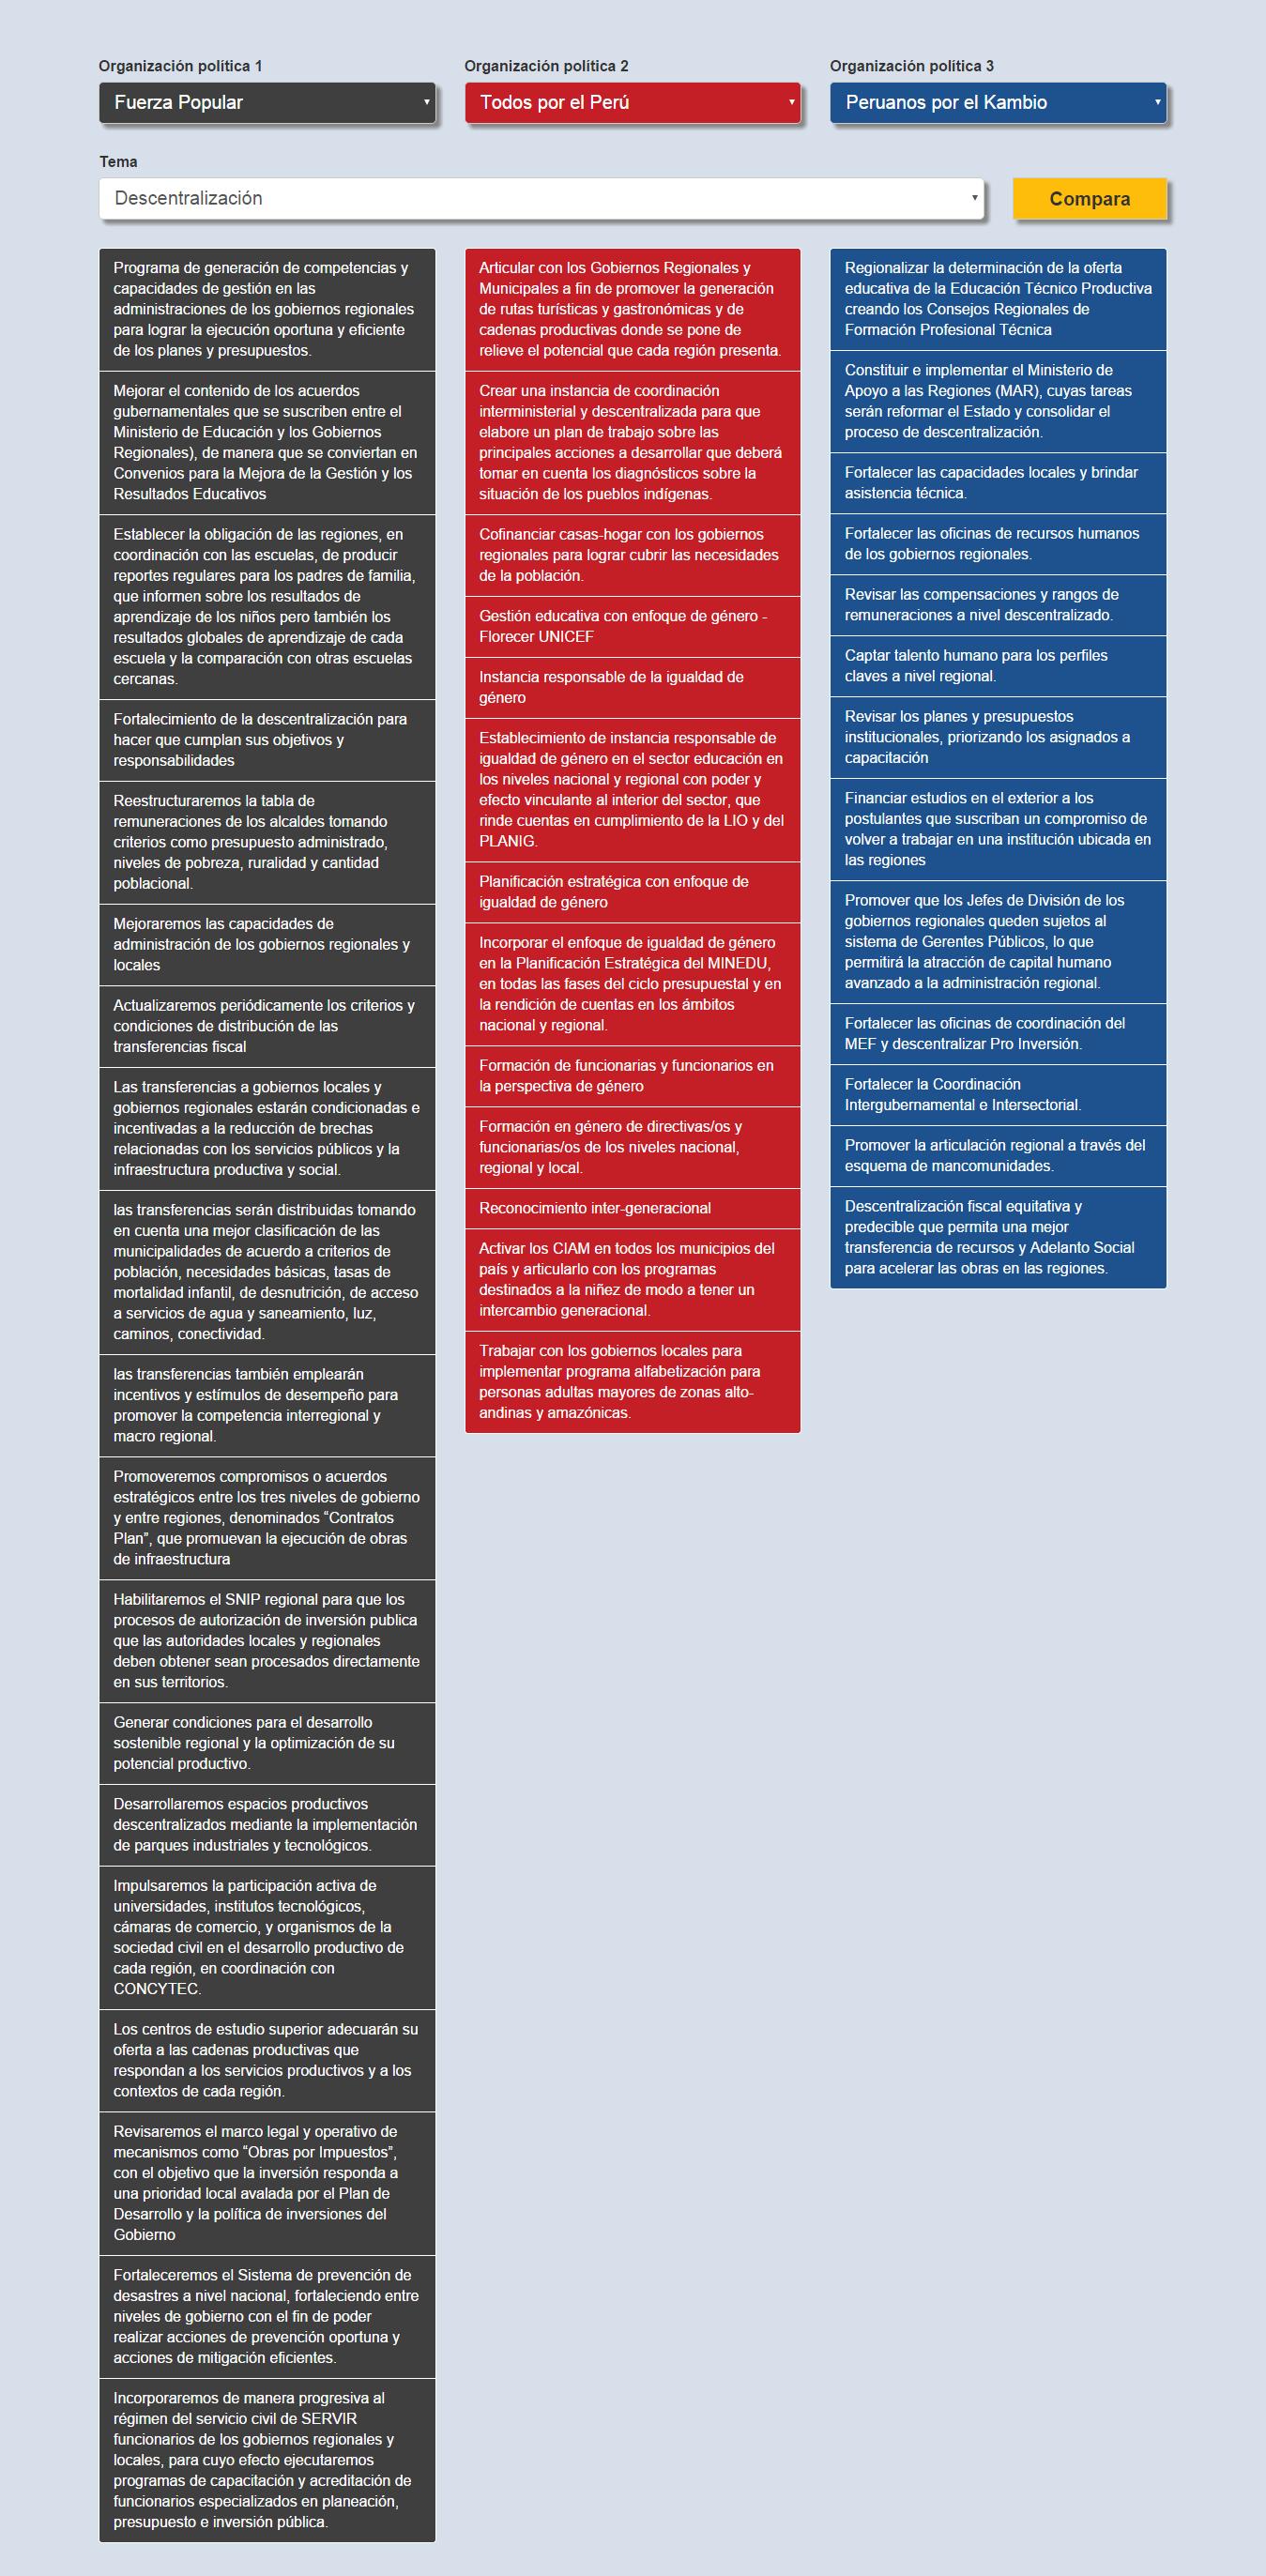 Compara Ya   Elecciones 2016 descentralizacion keiko guzman ppk